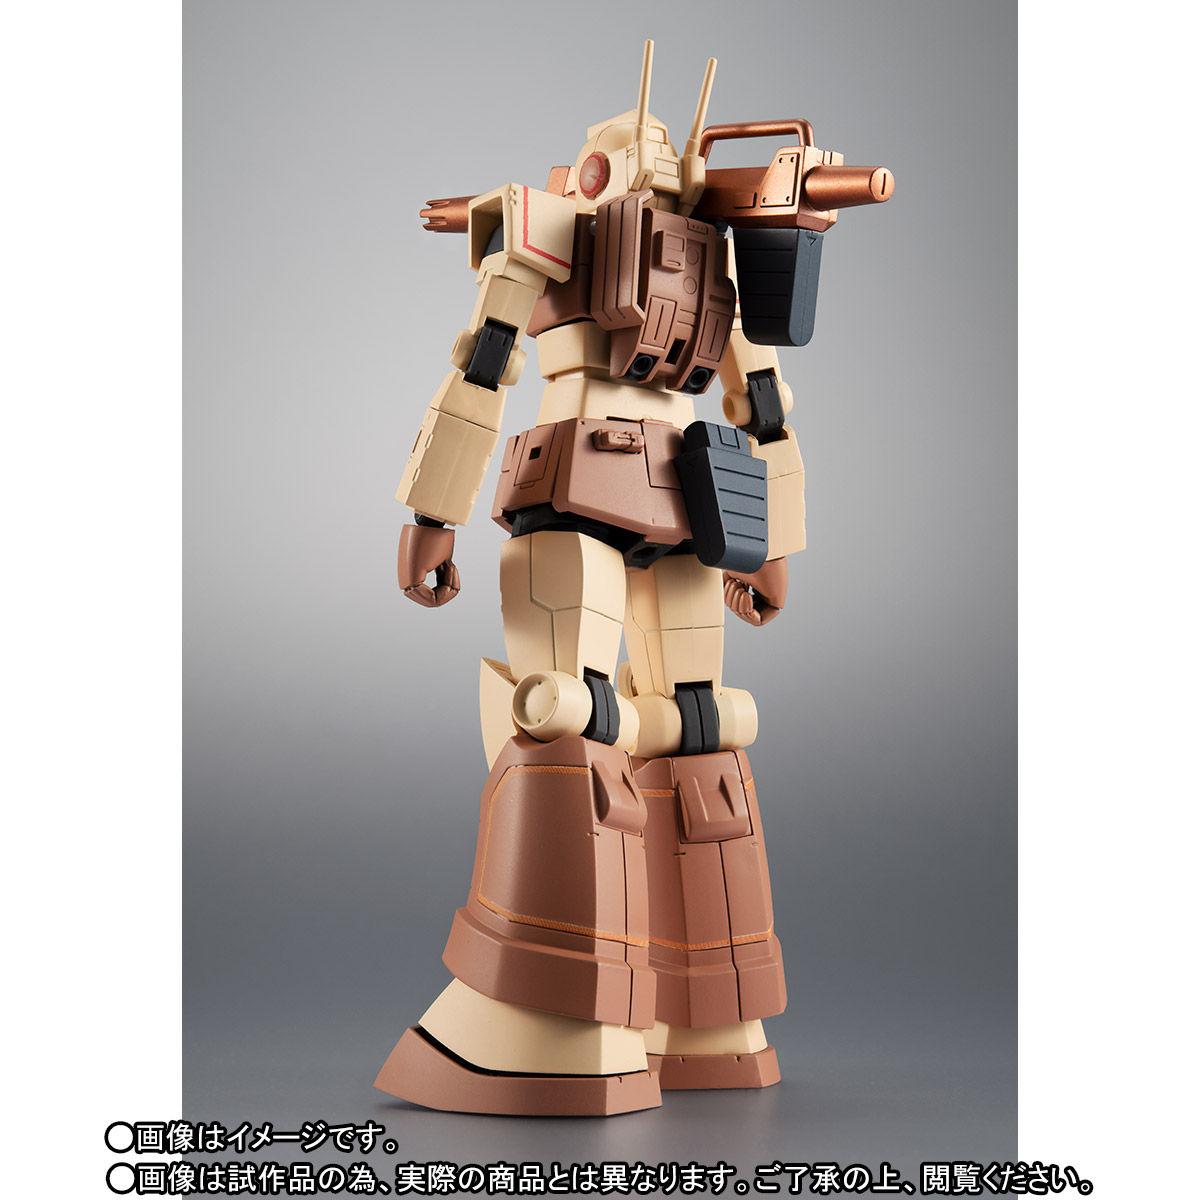 【限定販売】ROBOT魂〈SIDE MS〉『RGC-80 ジム・キャノン アフリカ戦線仕様 ver. A.N.I.M.E.』ガンダムMSV 可動フィギュア-004